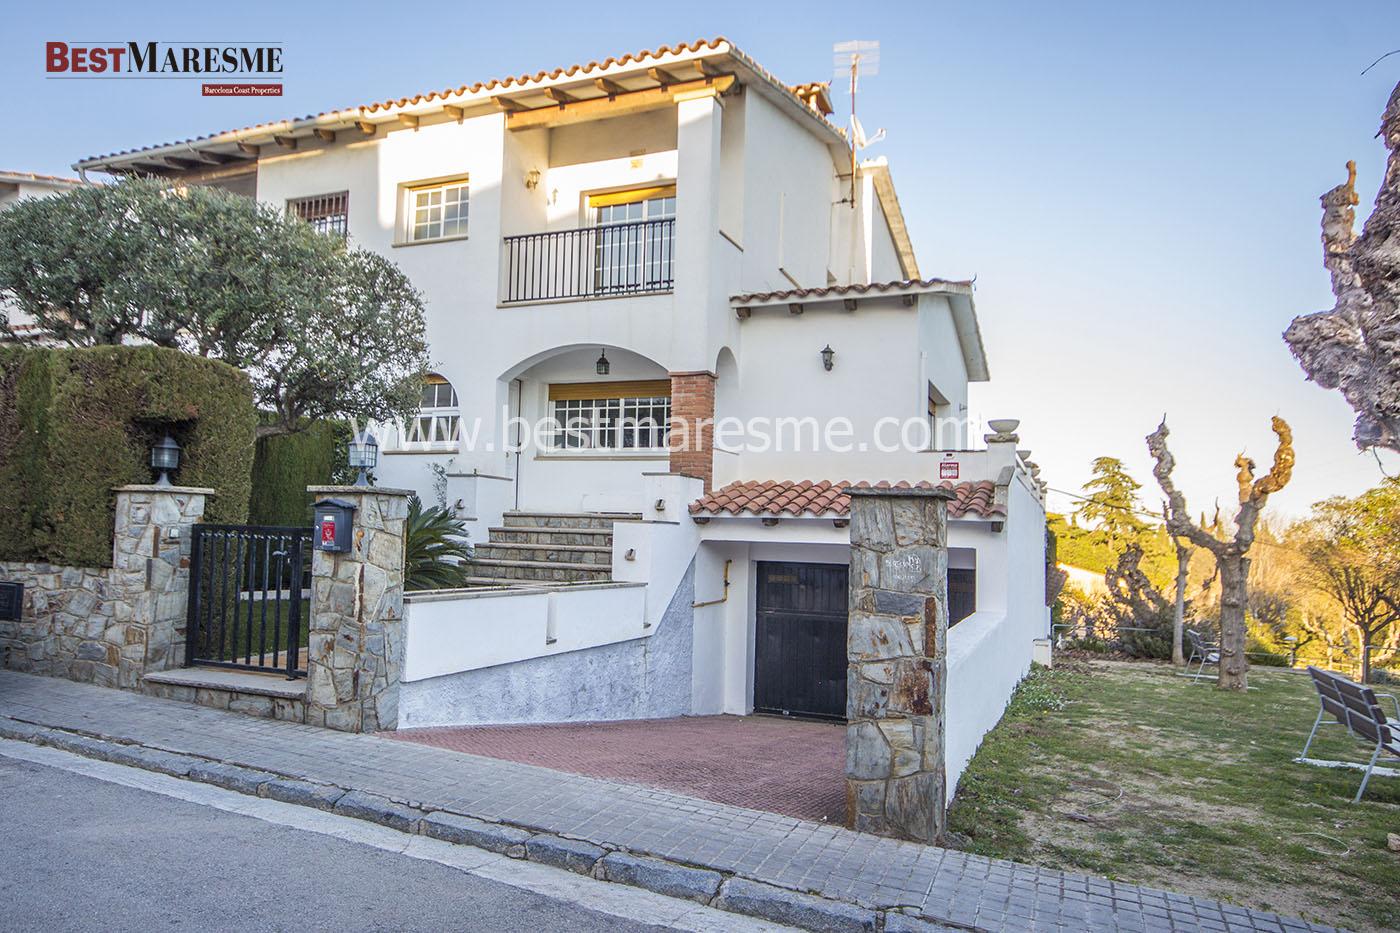 Casa adosada esquinera en Premia de Dalt